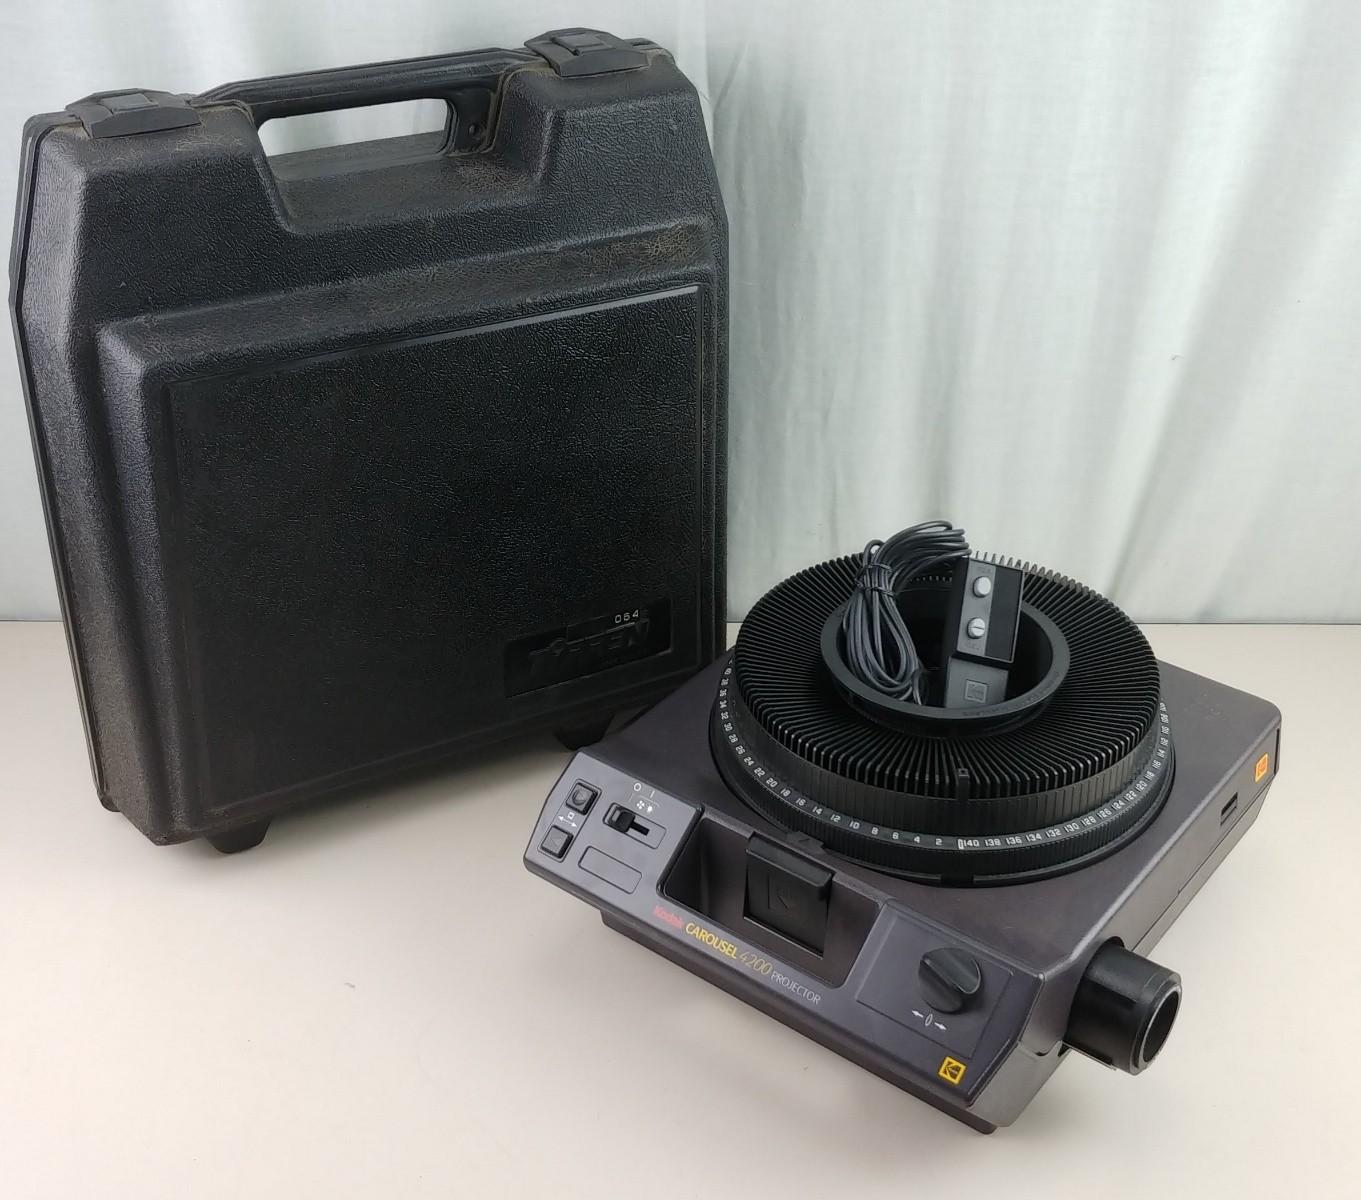 Kodak Carousel 4200 Projector & Tiffen Case